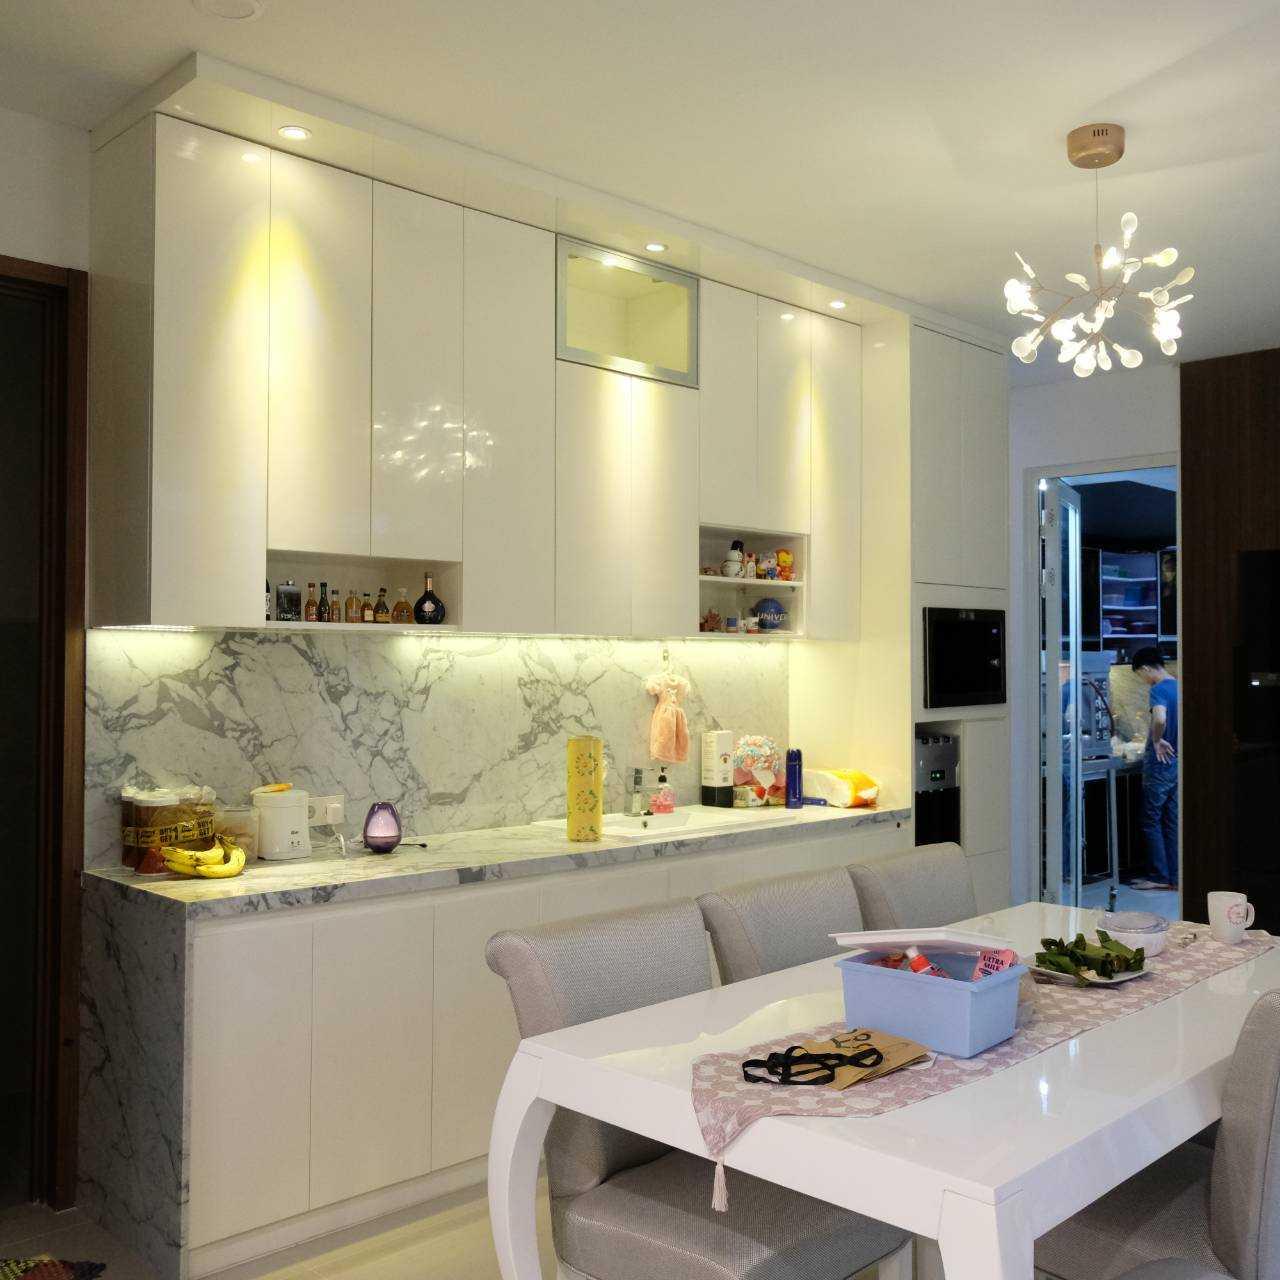 Ardie Yapola Residential Surabaya, Kota Sby, Jawa Timur, Indonesia Surabaya, Kota Sby, Jawa Timur, Indonesia Ardie-Yapola-Residential  62994